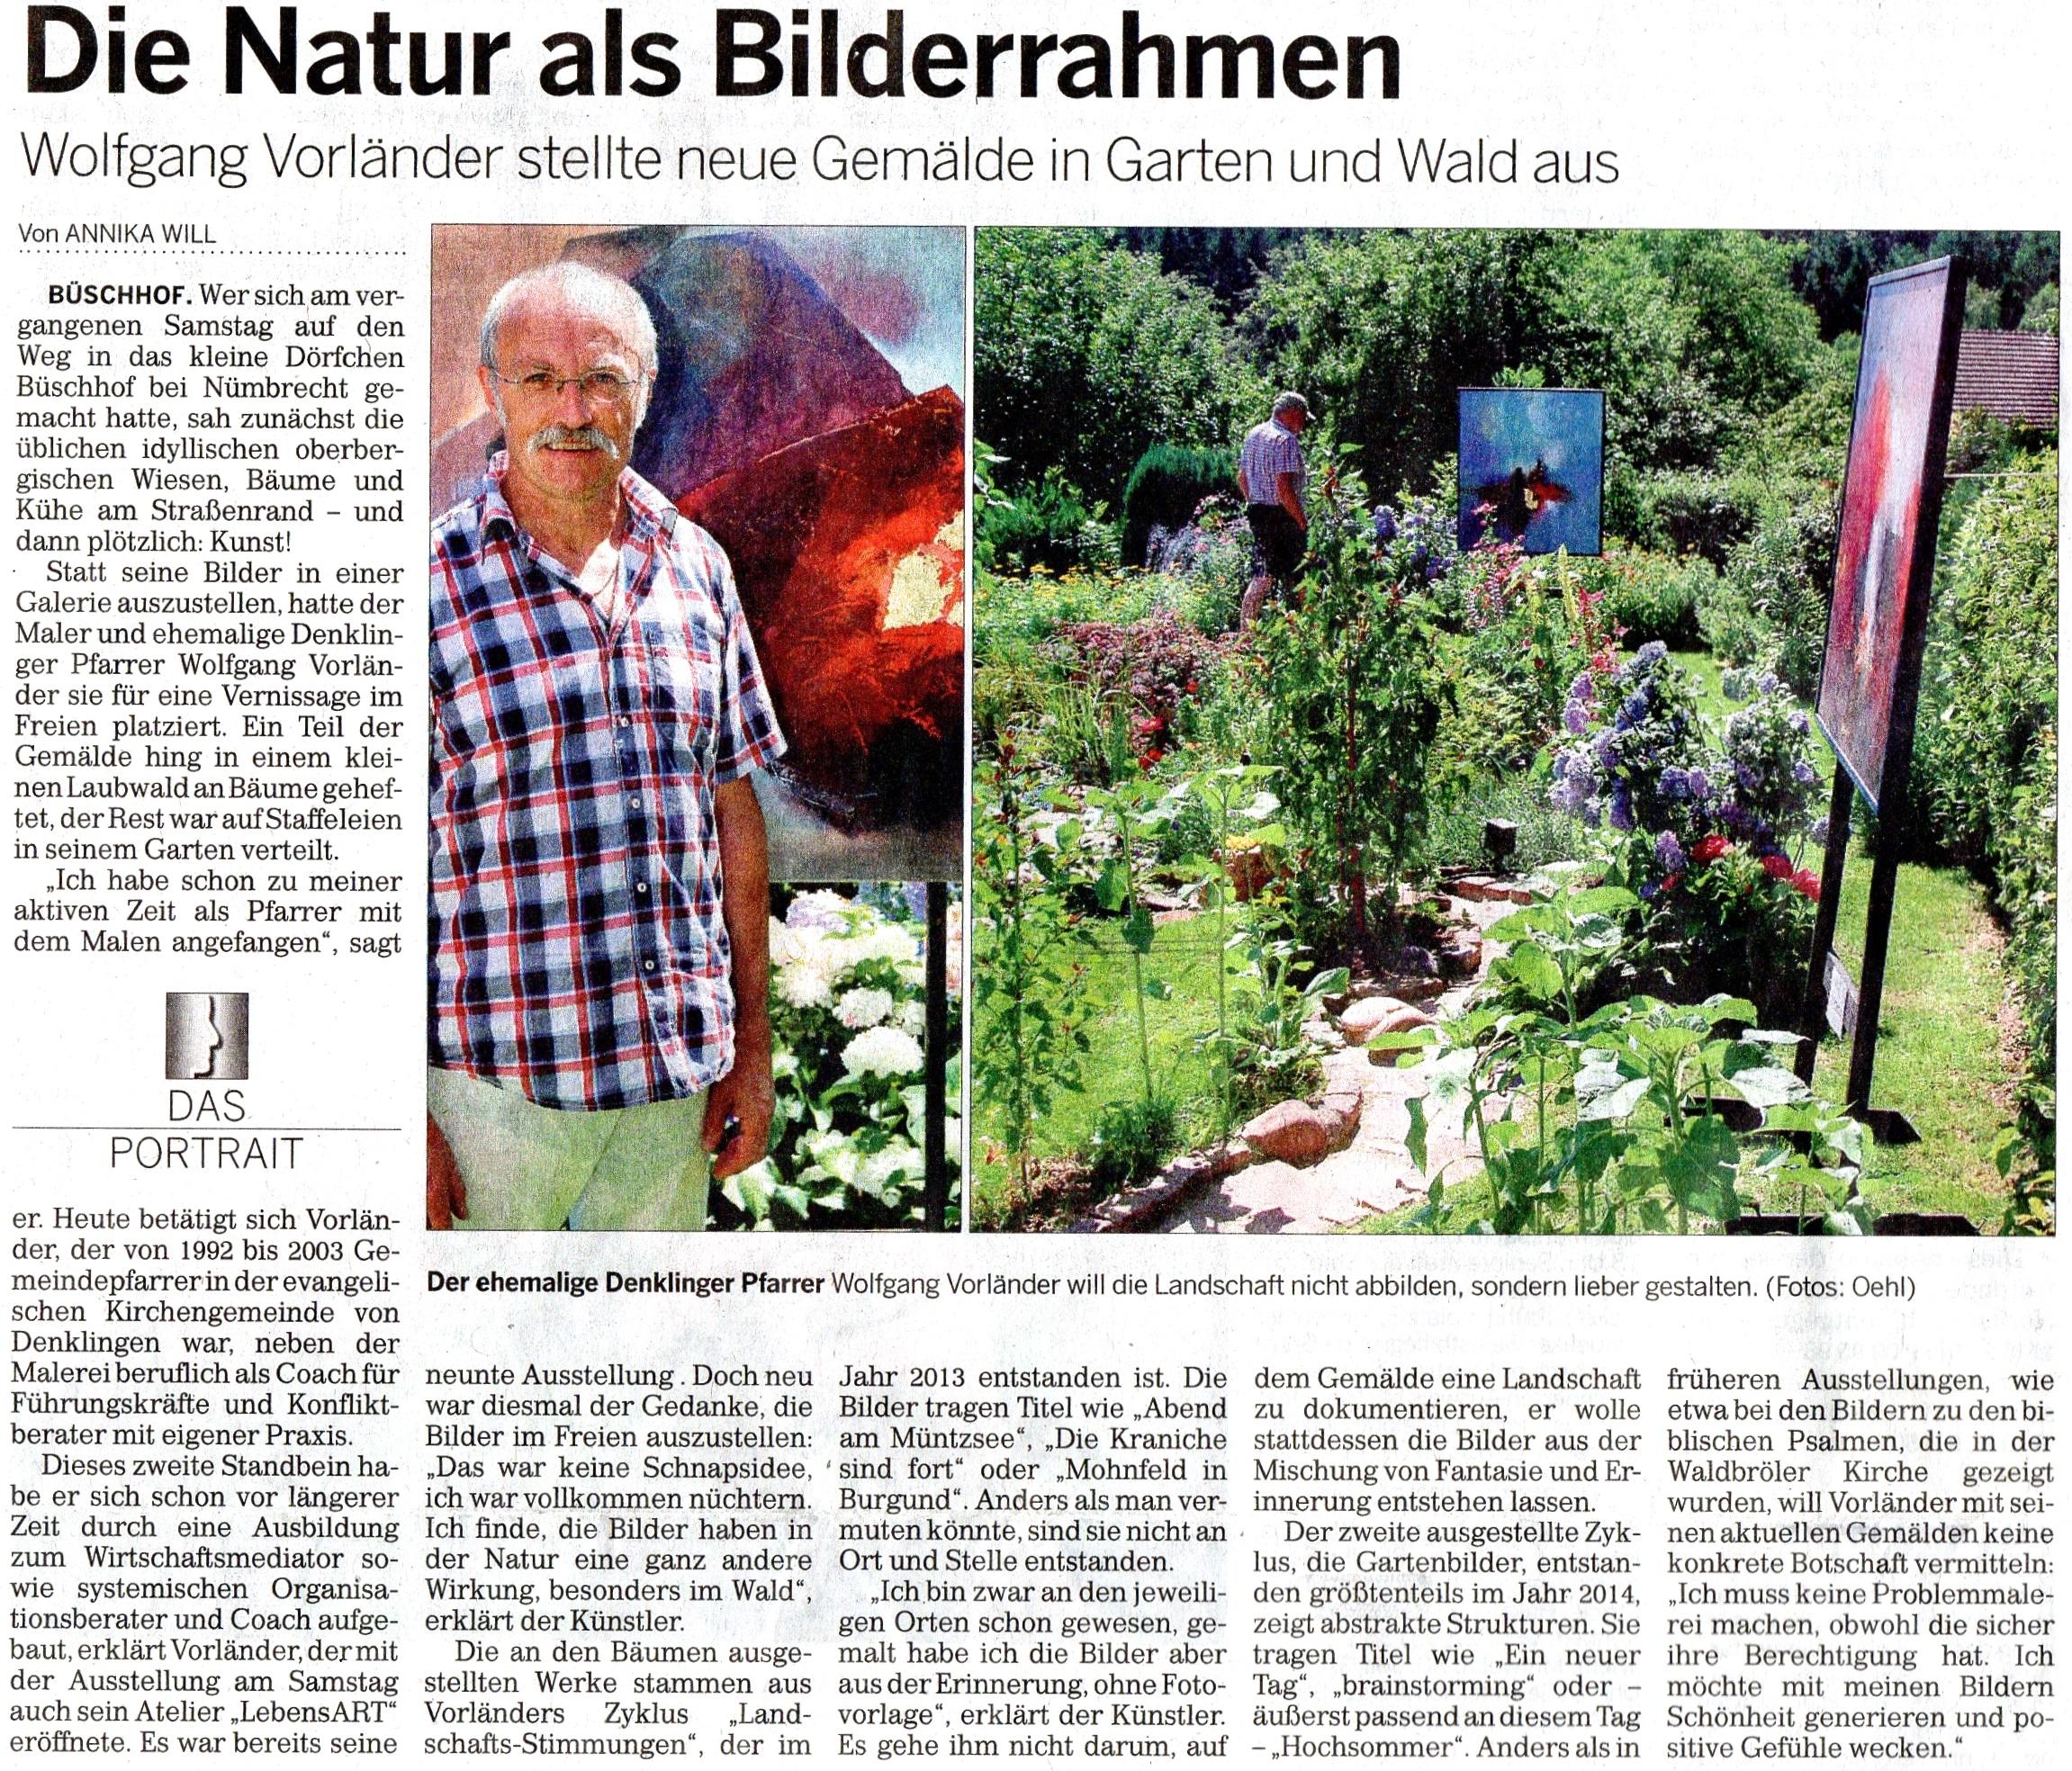 Aus dem Kölner Stadt-Anzeiger vom 24.07.2014